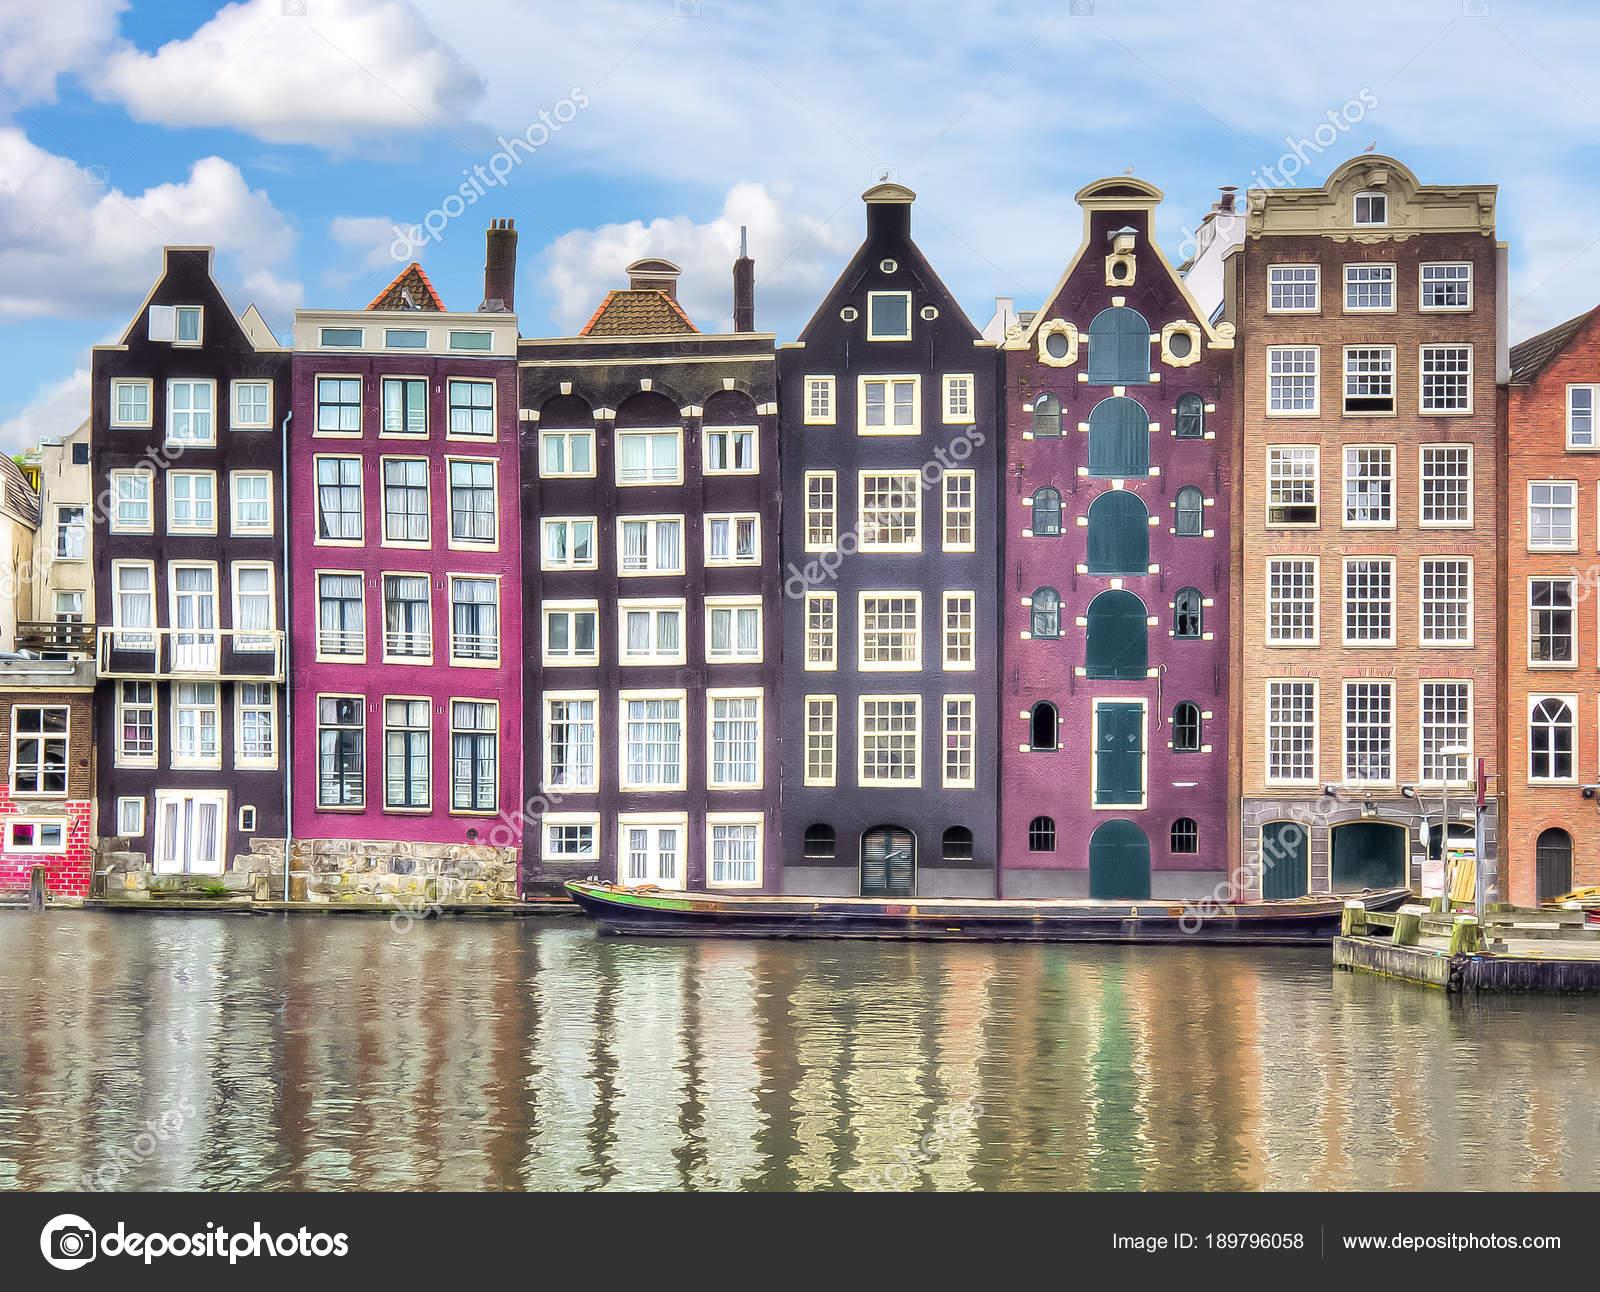 Architektur niederlande home ideen - Architektur amsterdam ...